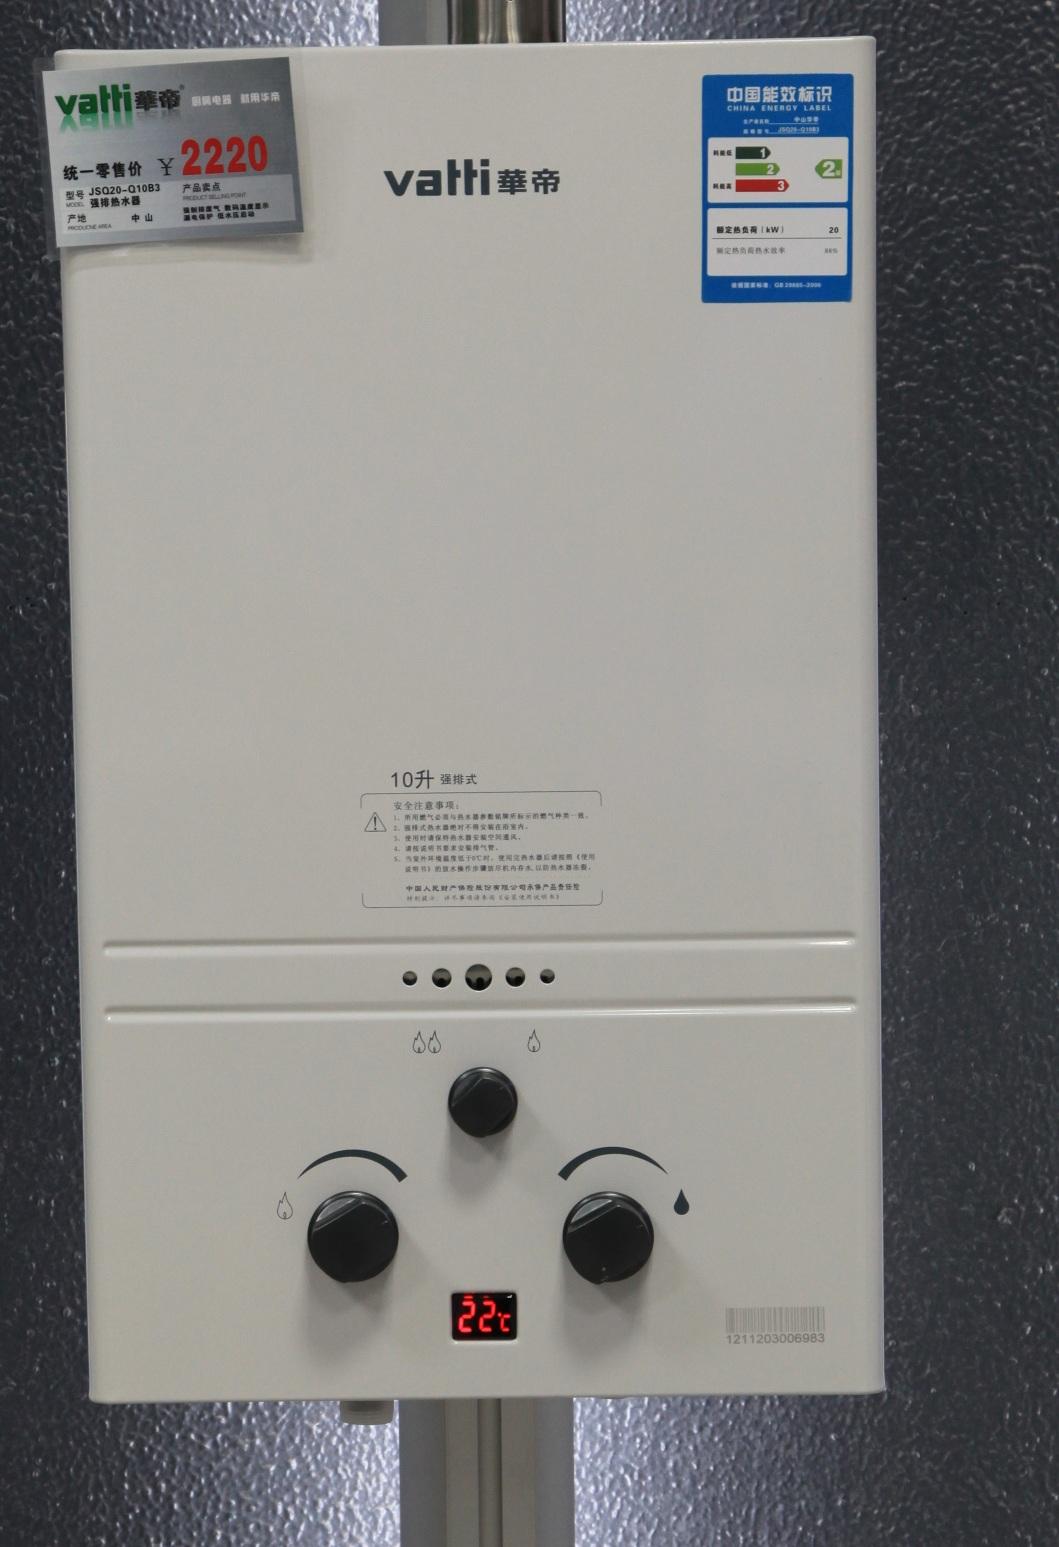 华帝jsq20-q10b3强排热水器